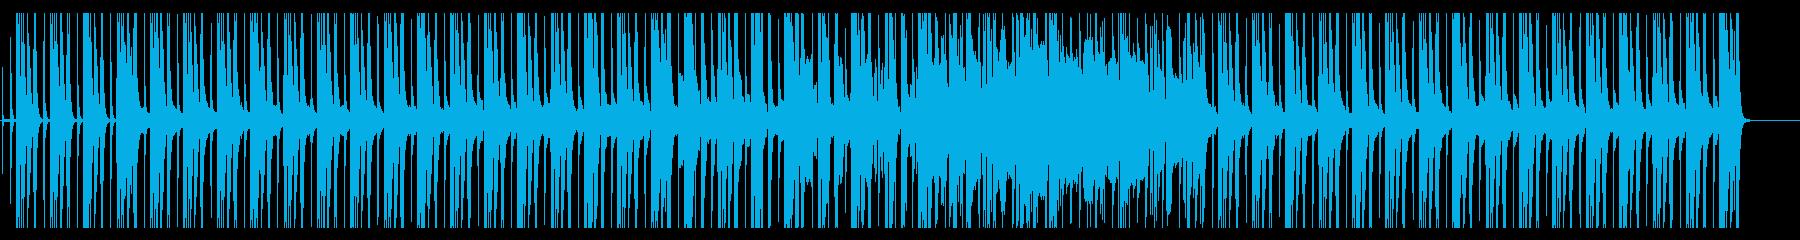 オシャレなジャズファンク。の再生済みの波形